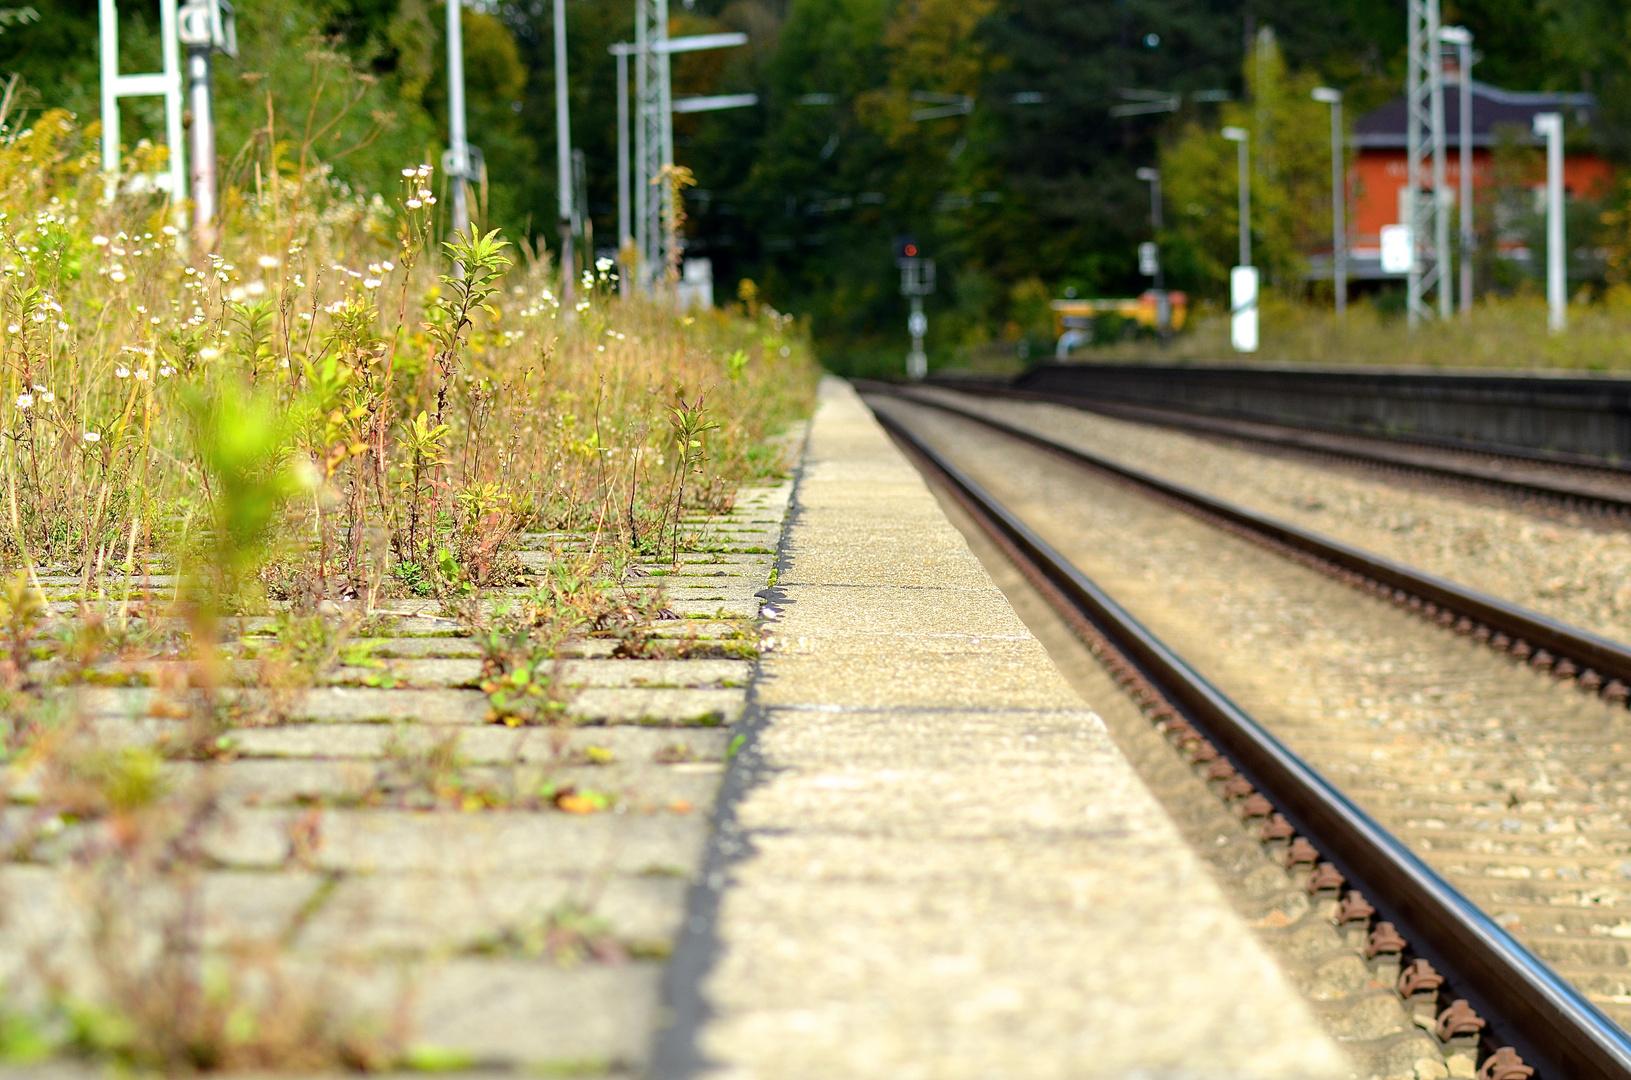 Vorsicht an der Bahnsteigkante !!!